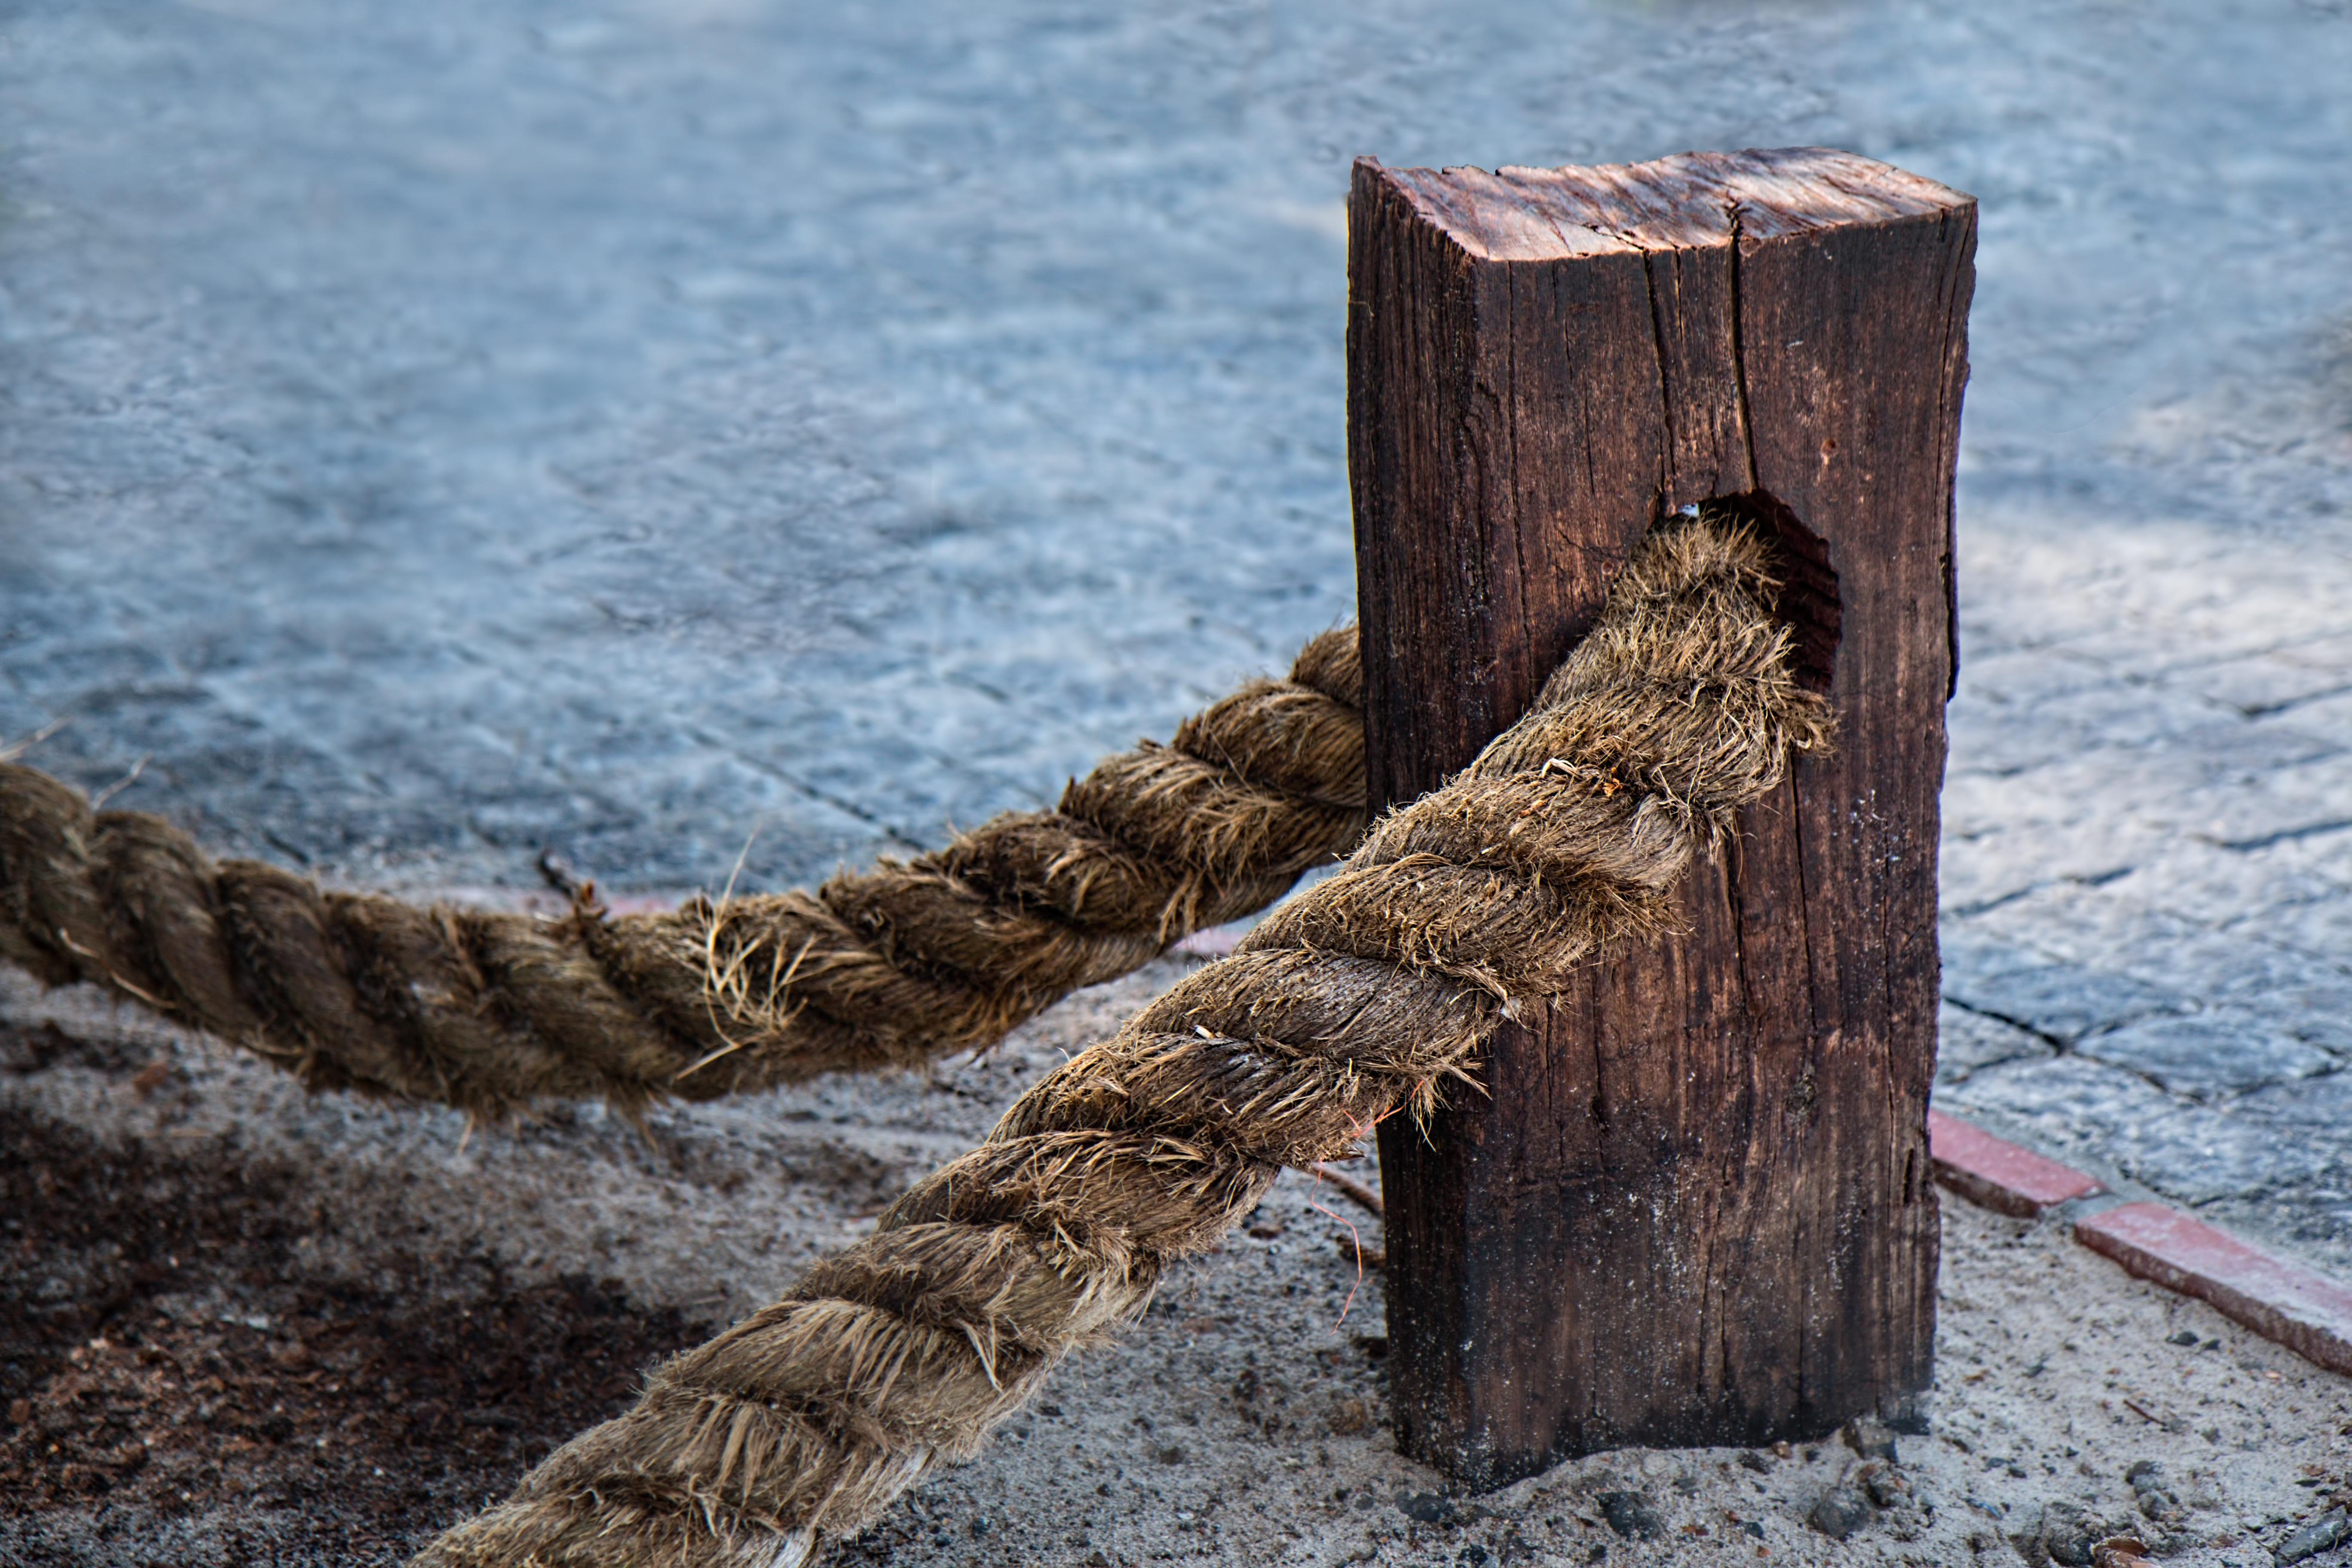 129518 Hintergrundbild herunterladen Verschiedenes, Sonstige, Kabel, Seil, Befestigung - Bildschirmschoner und Bilder kostenlos